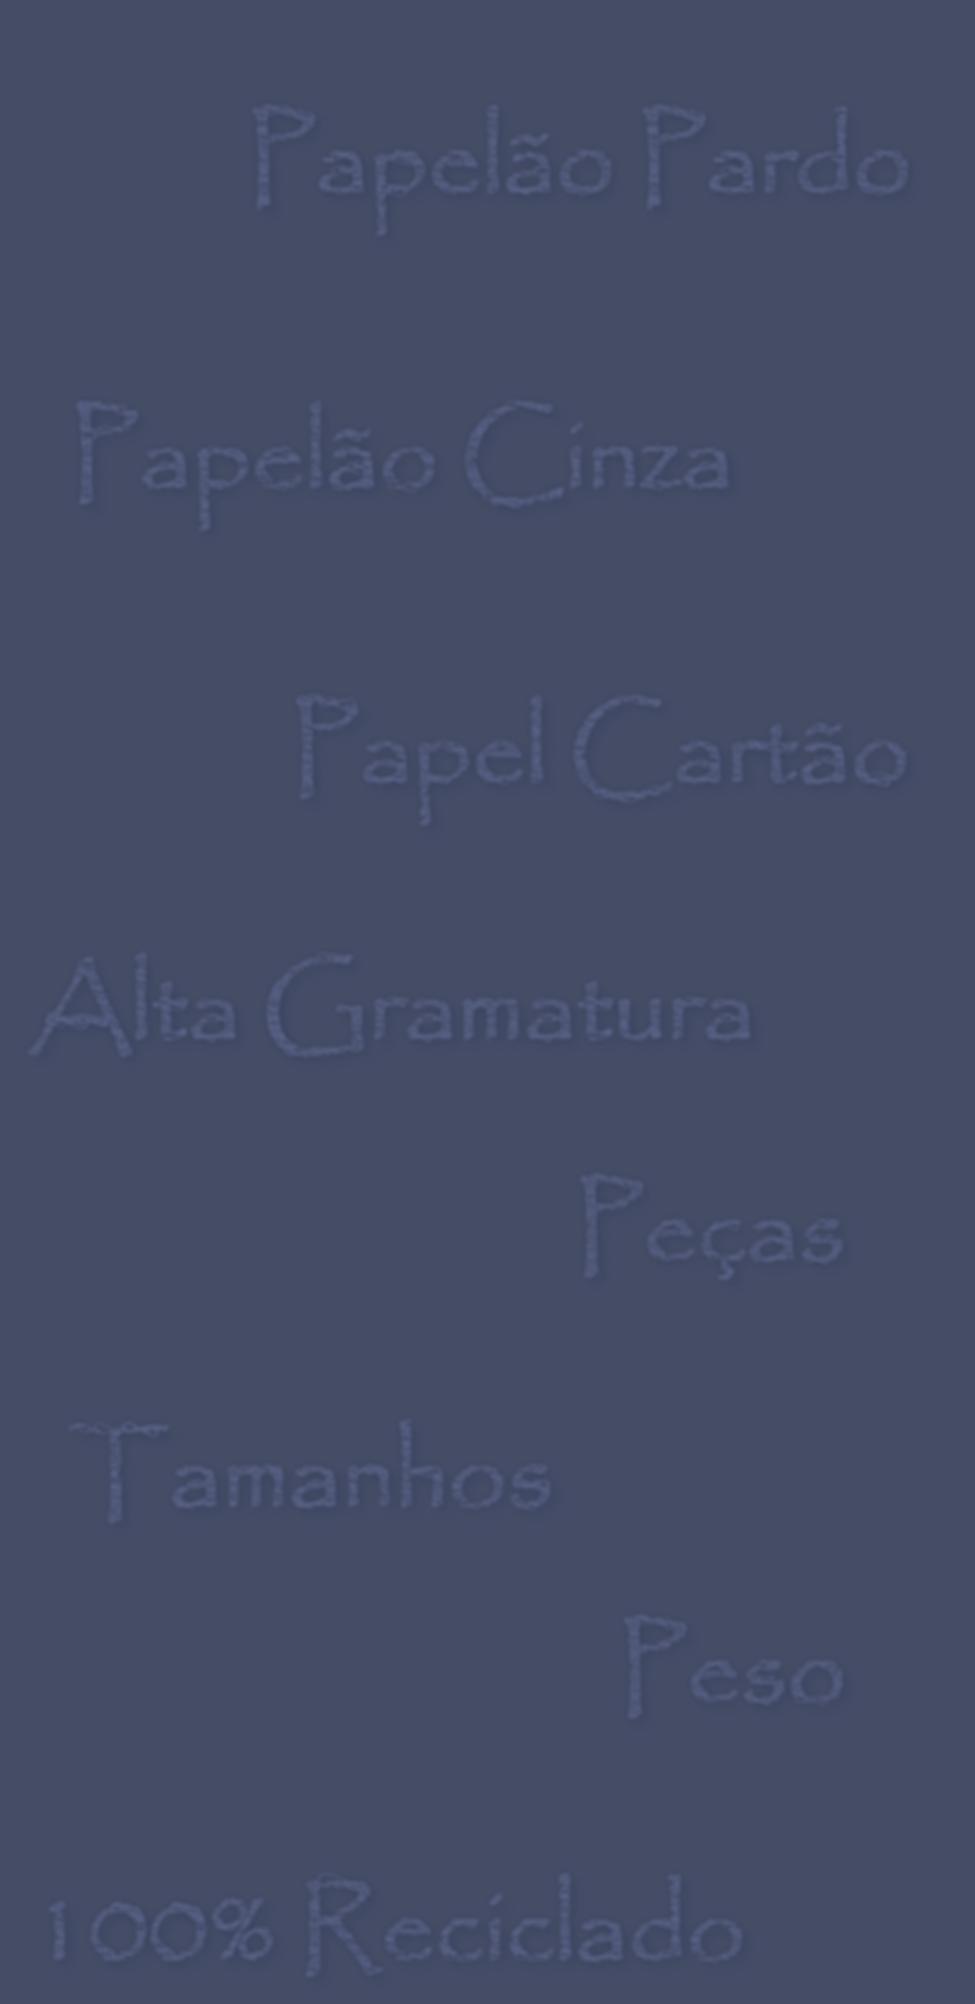 Papelão Pardo, Papel Cartão, Papelão Cinza